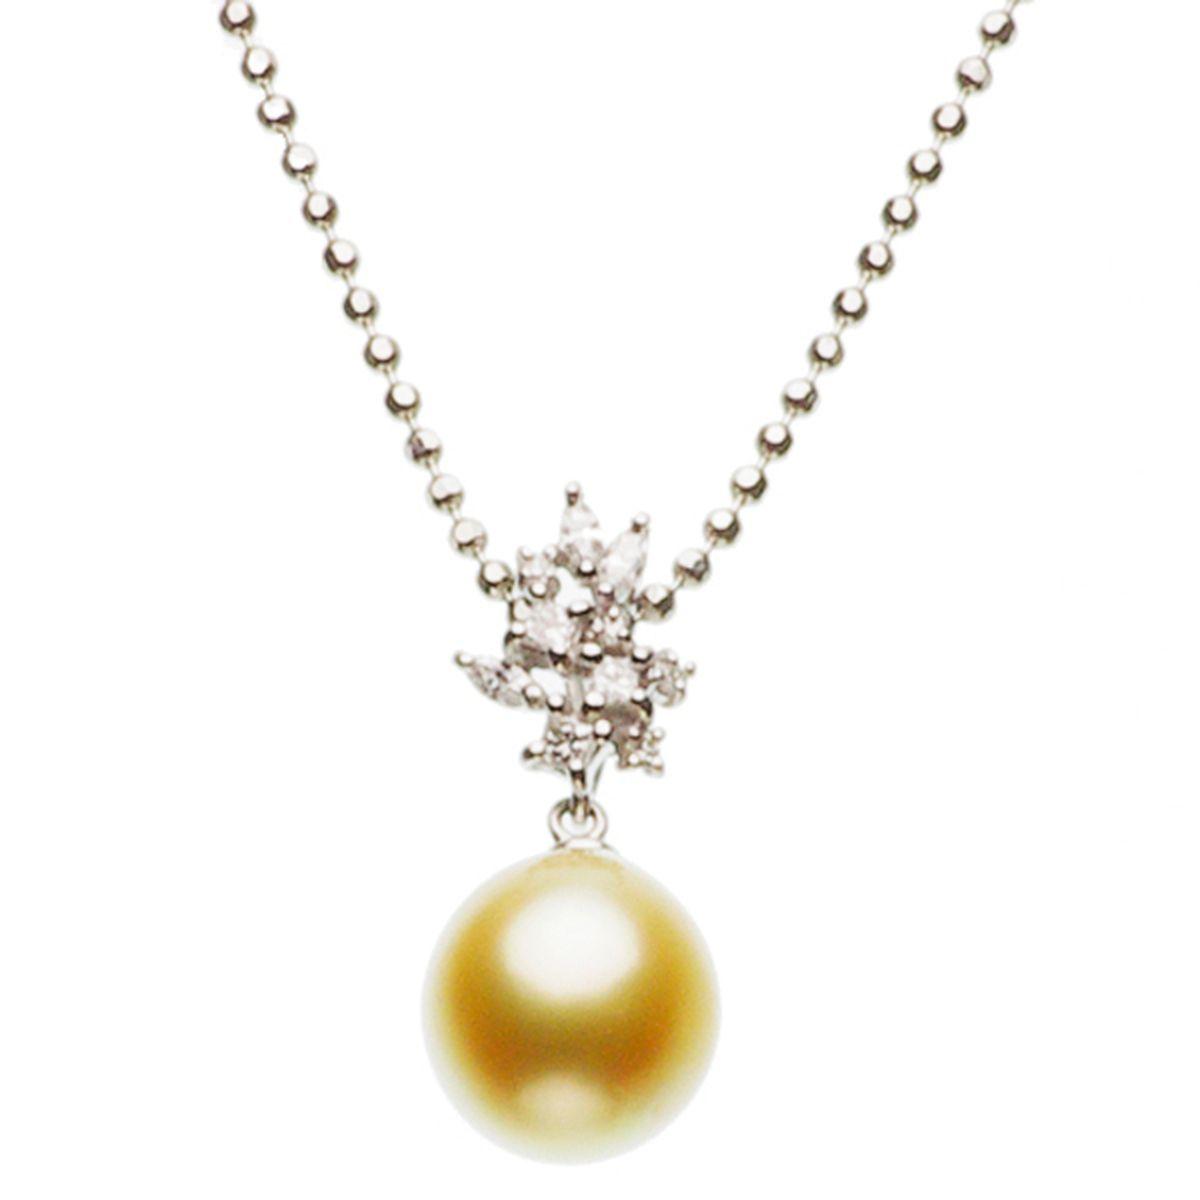 南洋白蝶真珠ペンダント 約10.76mmの写真